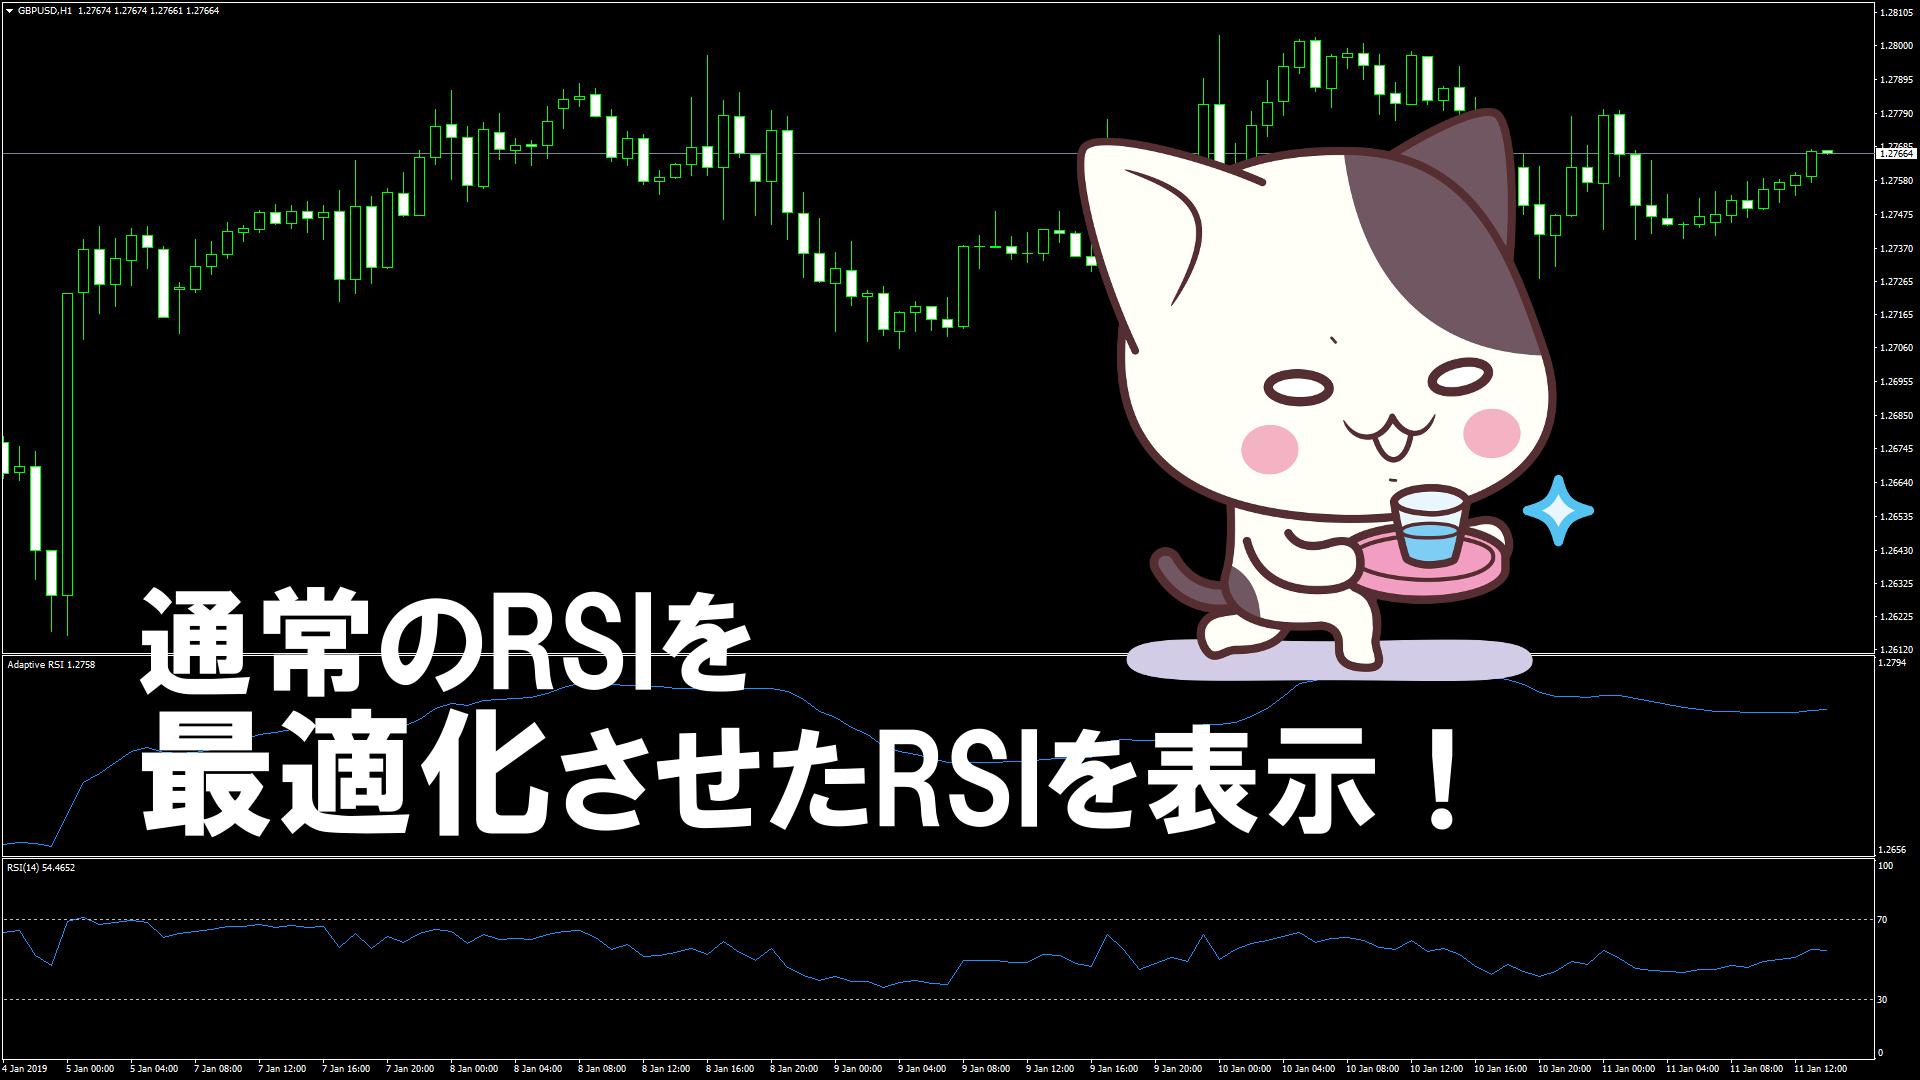 通常のRSIを最適化させたRSIを表示するMT4インジケーター『Adaptive RSI』